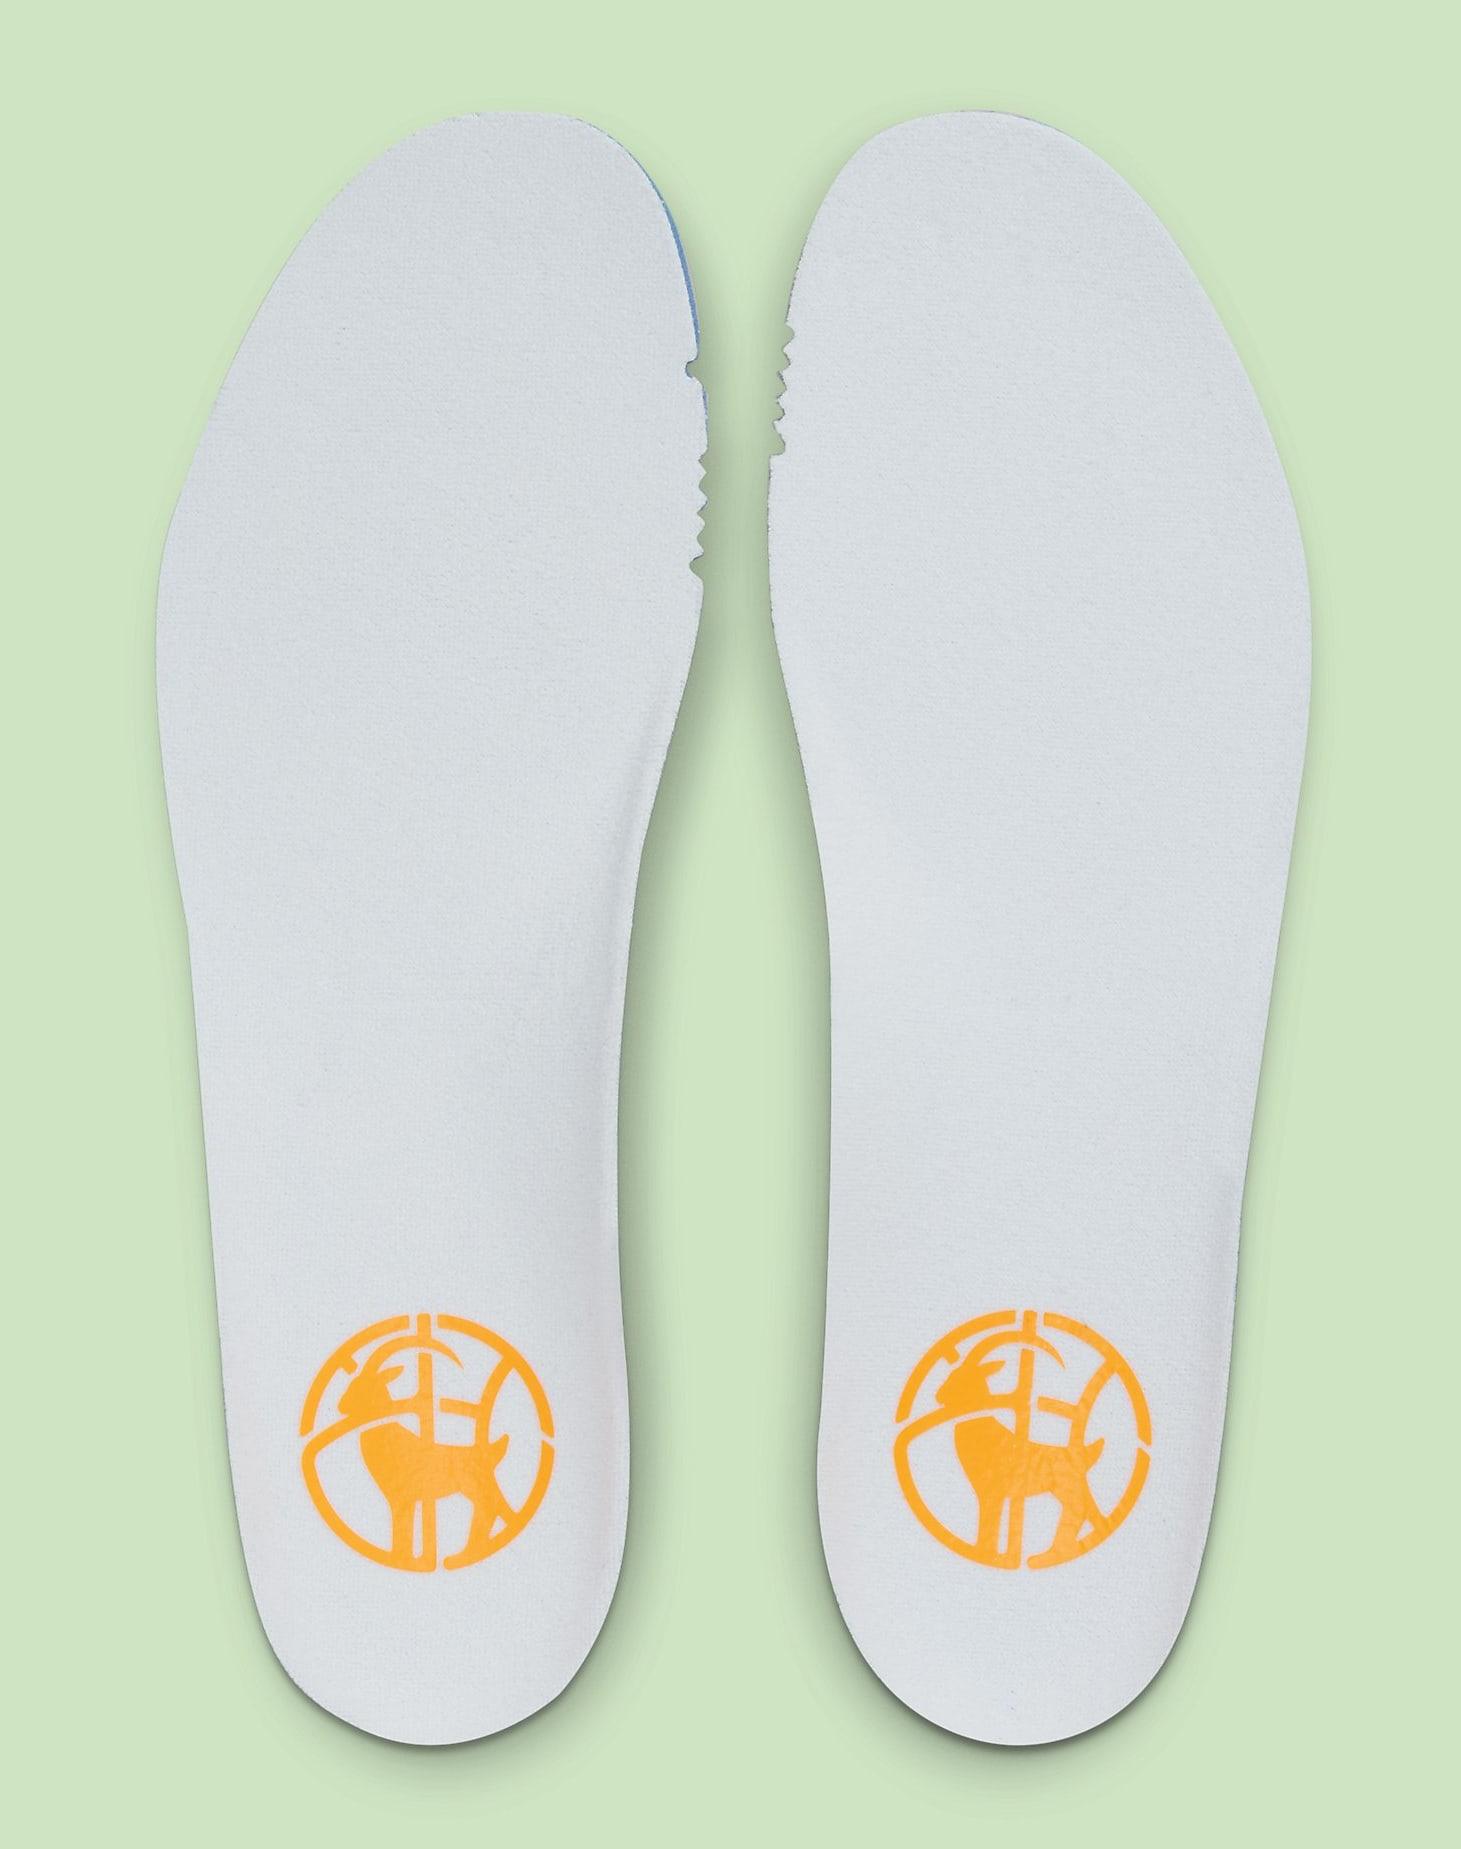 Diana Taurasi x Nike LeBron 18 PE CQ9283-401 Insole